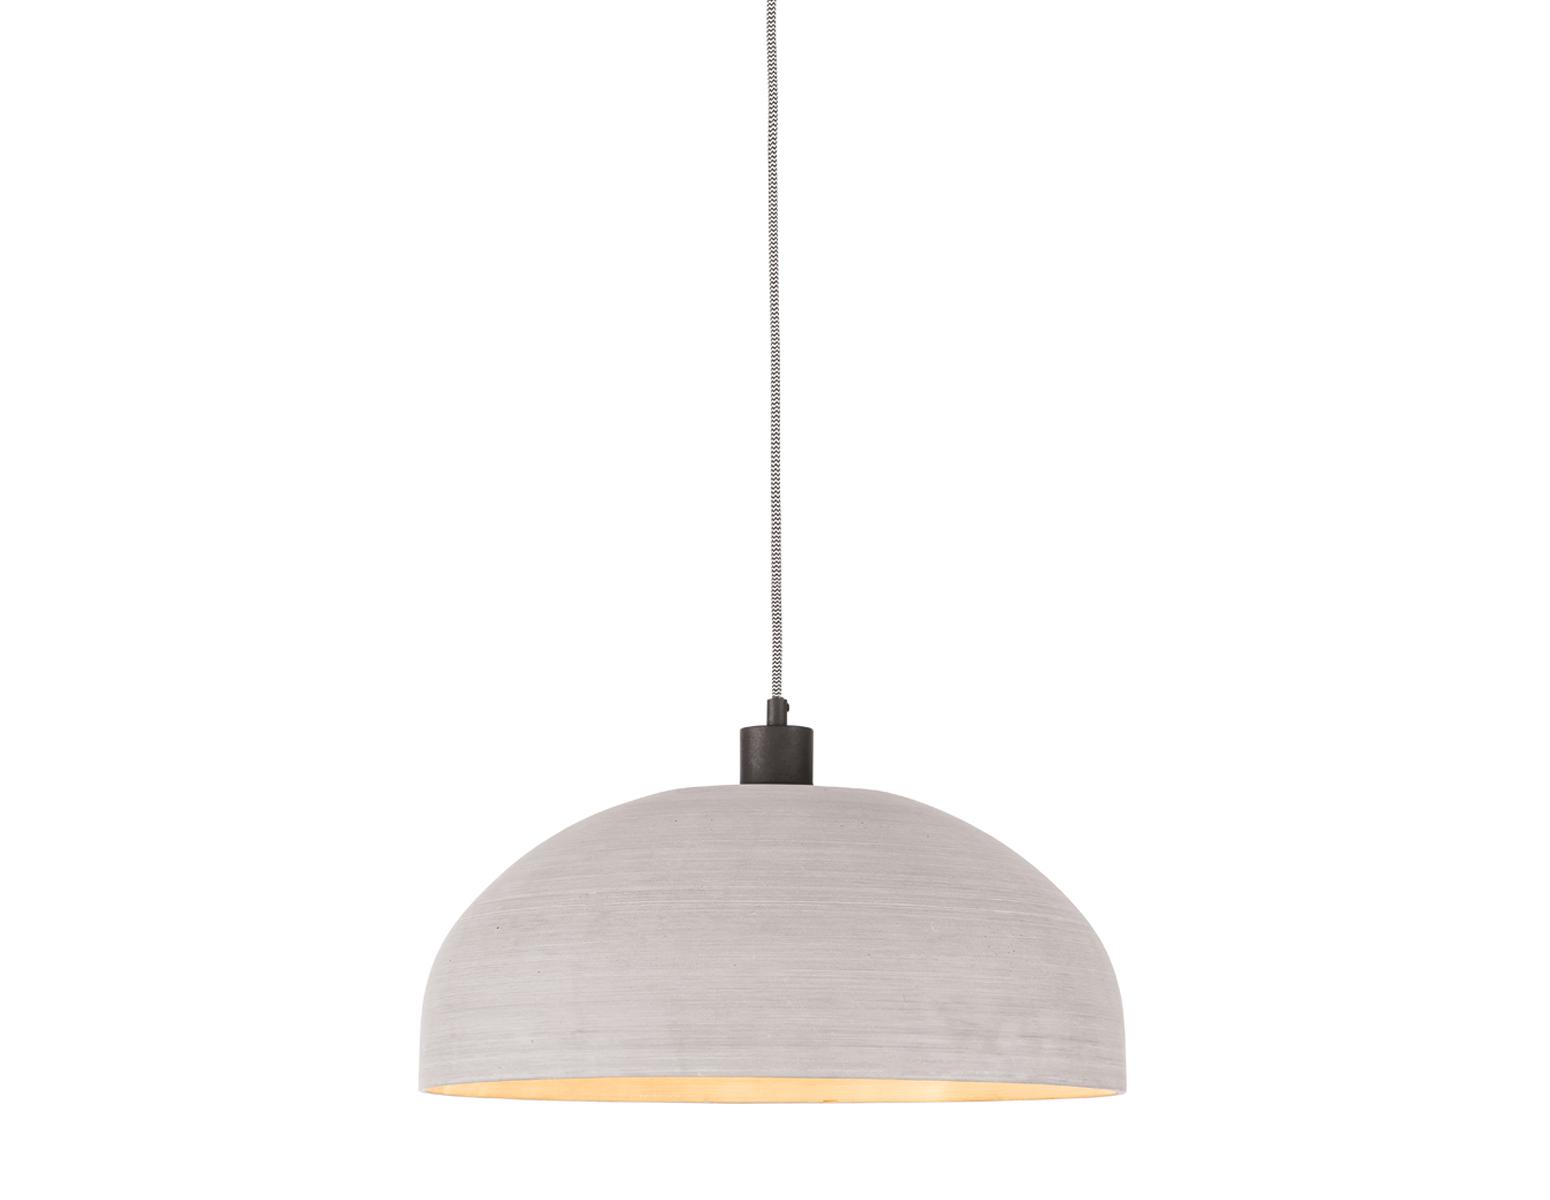 Hanglamp beton space